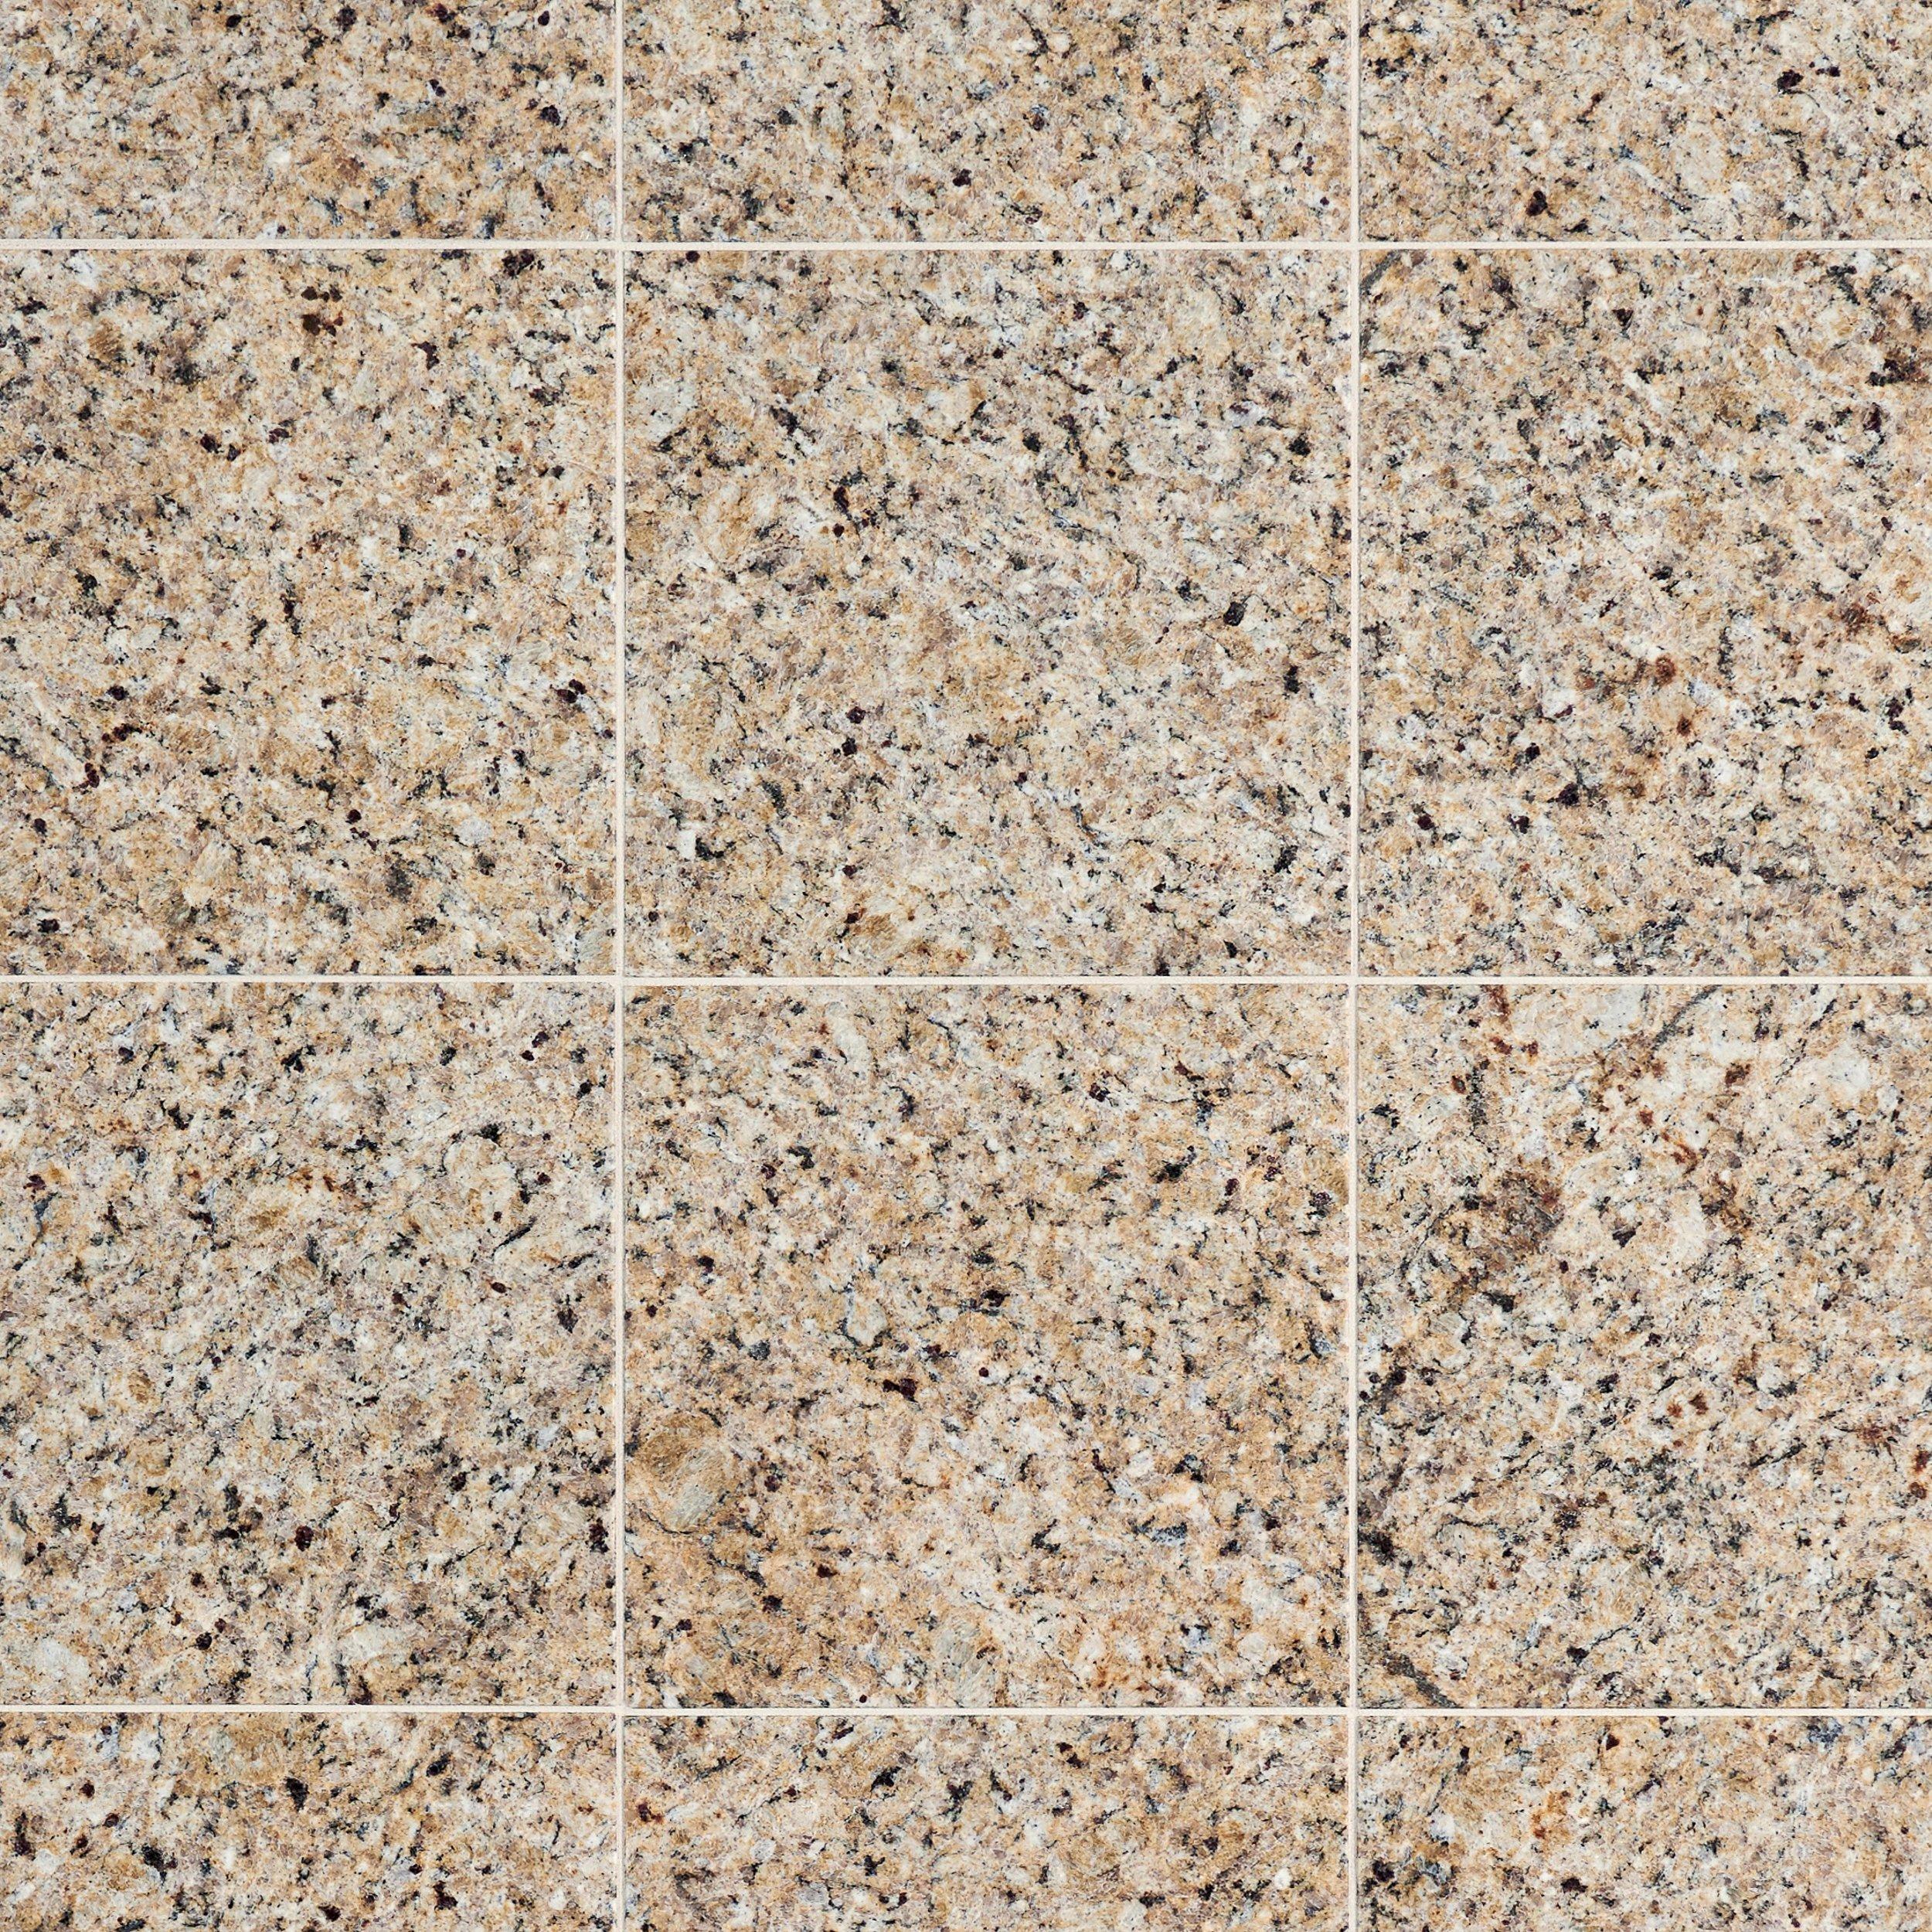 Granite Tile Floor Decor - 2x2 granite tile